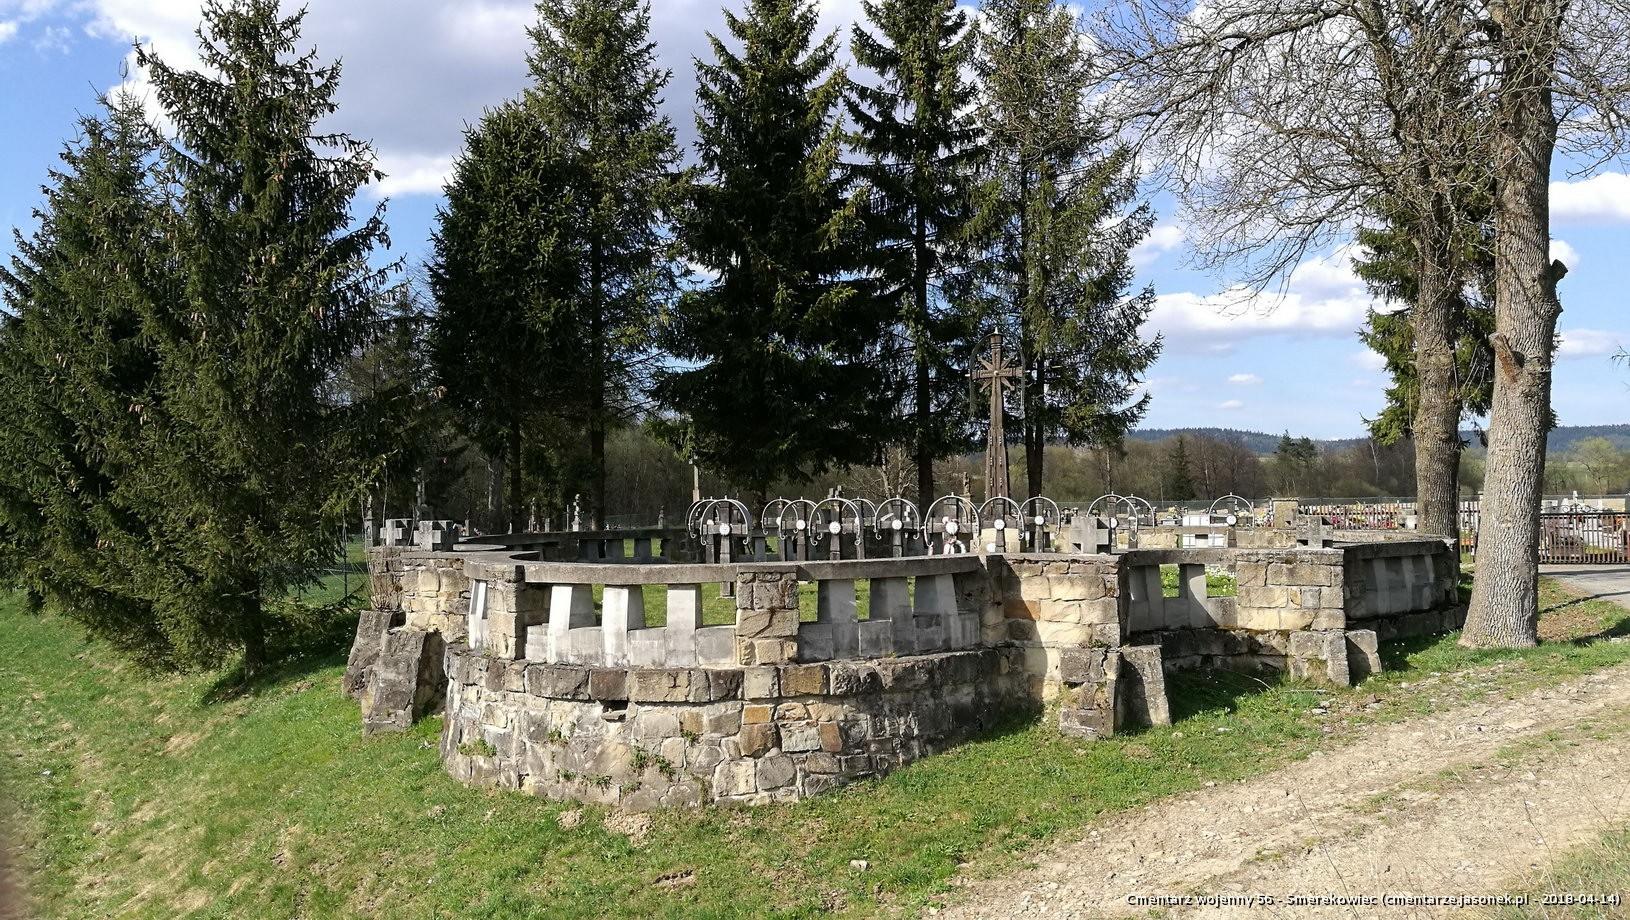 Cmentarz wojenny 56 - Smerekowiec